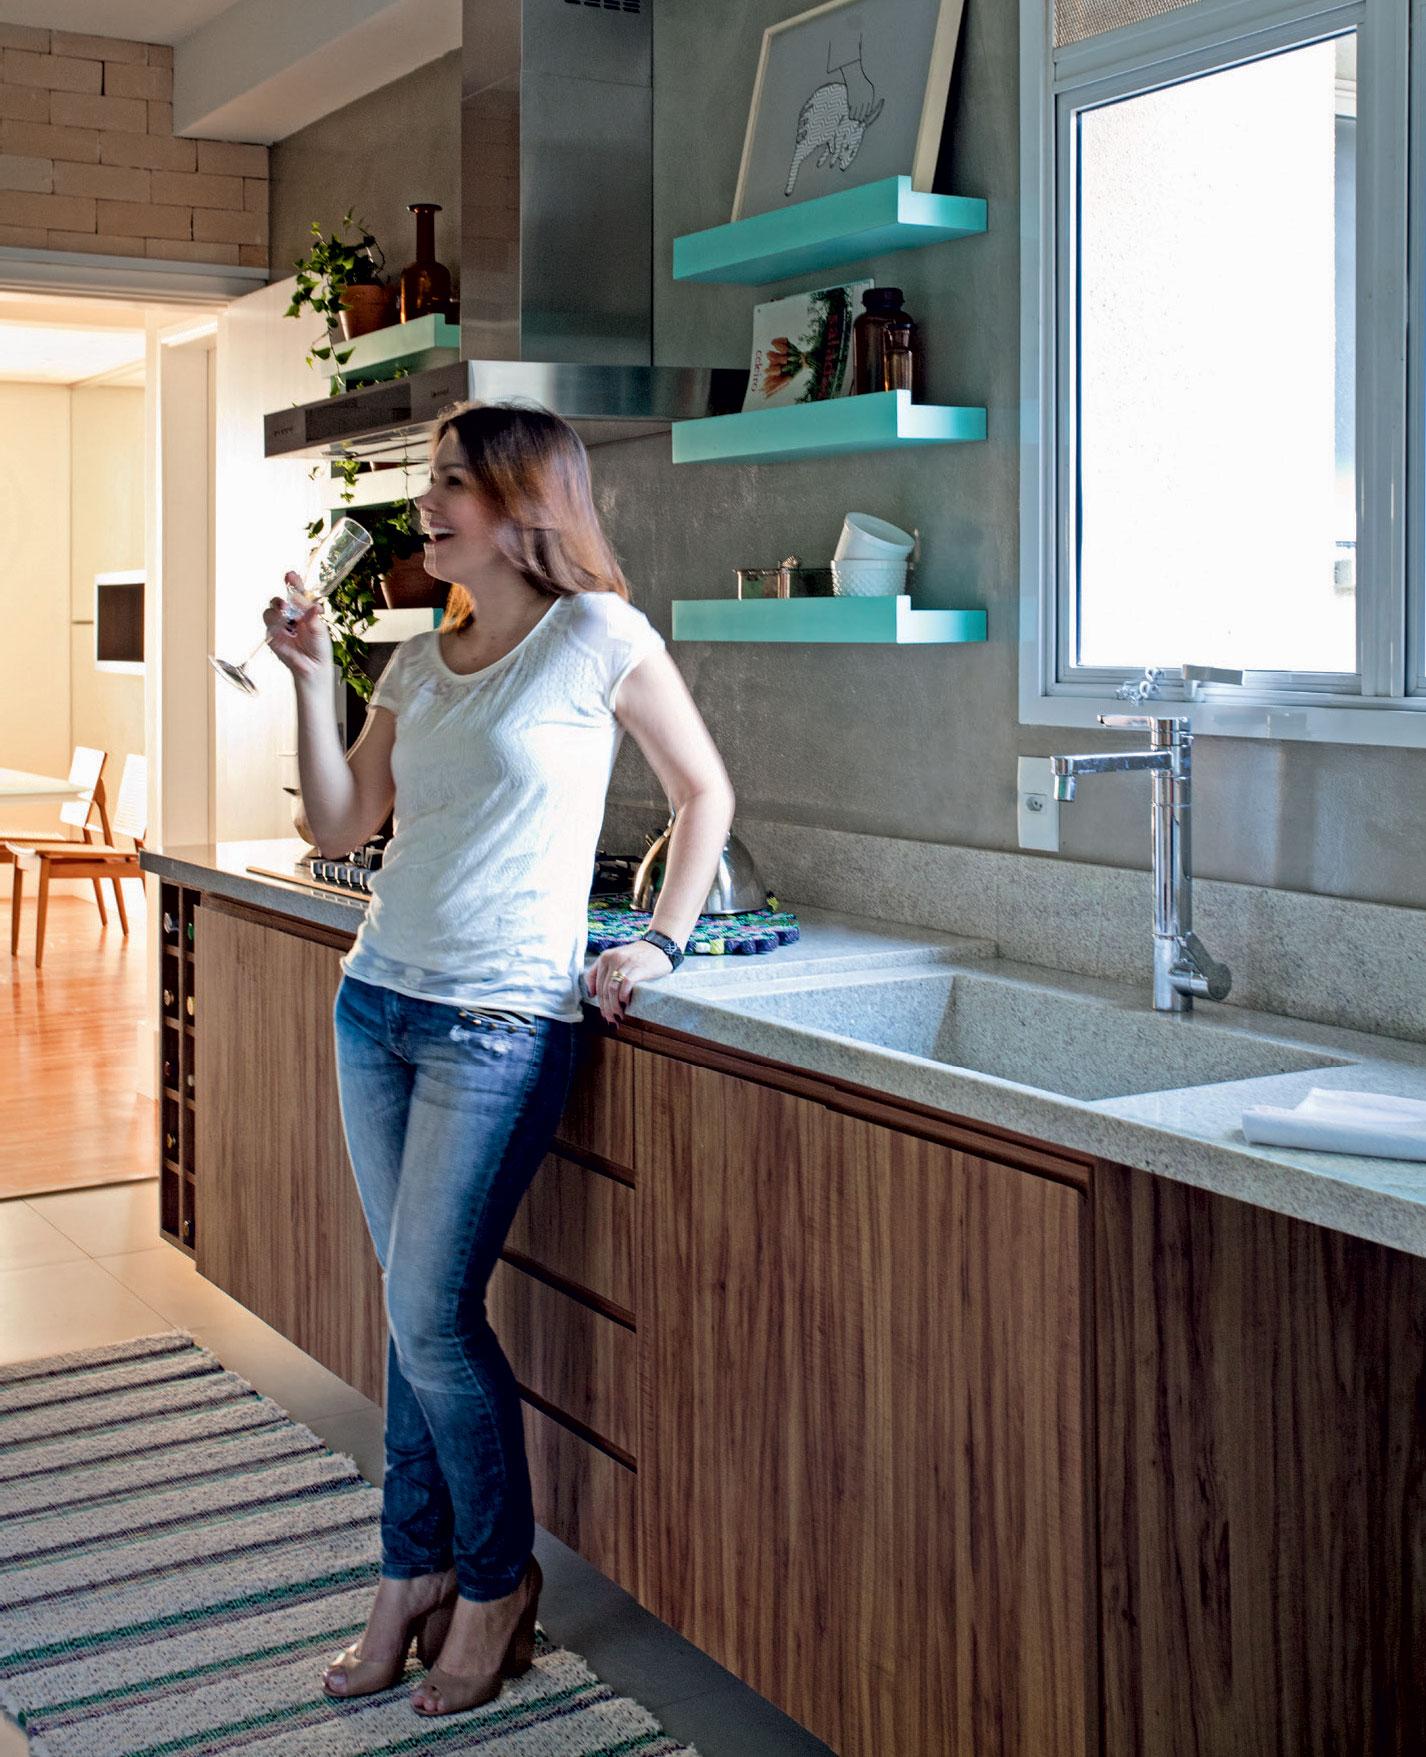 128-cozinha-em-turquesa-e-cinza-com-ceramicas-que-imitam-tijolos-6